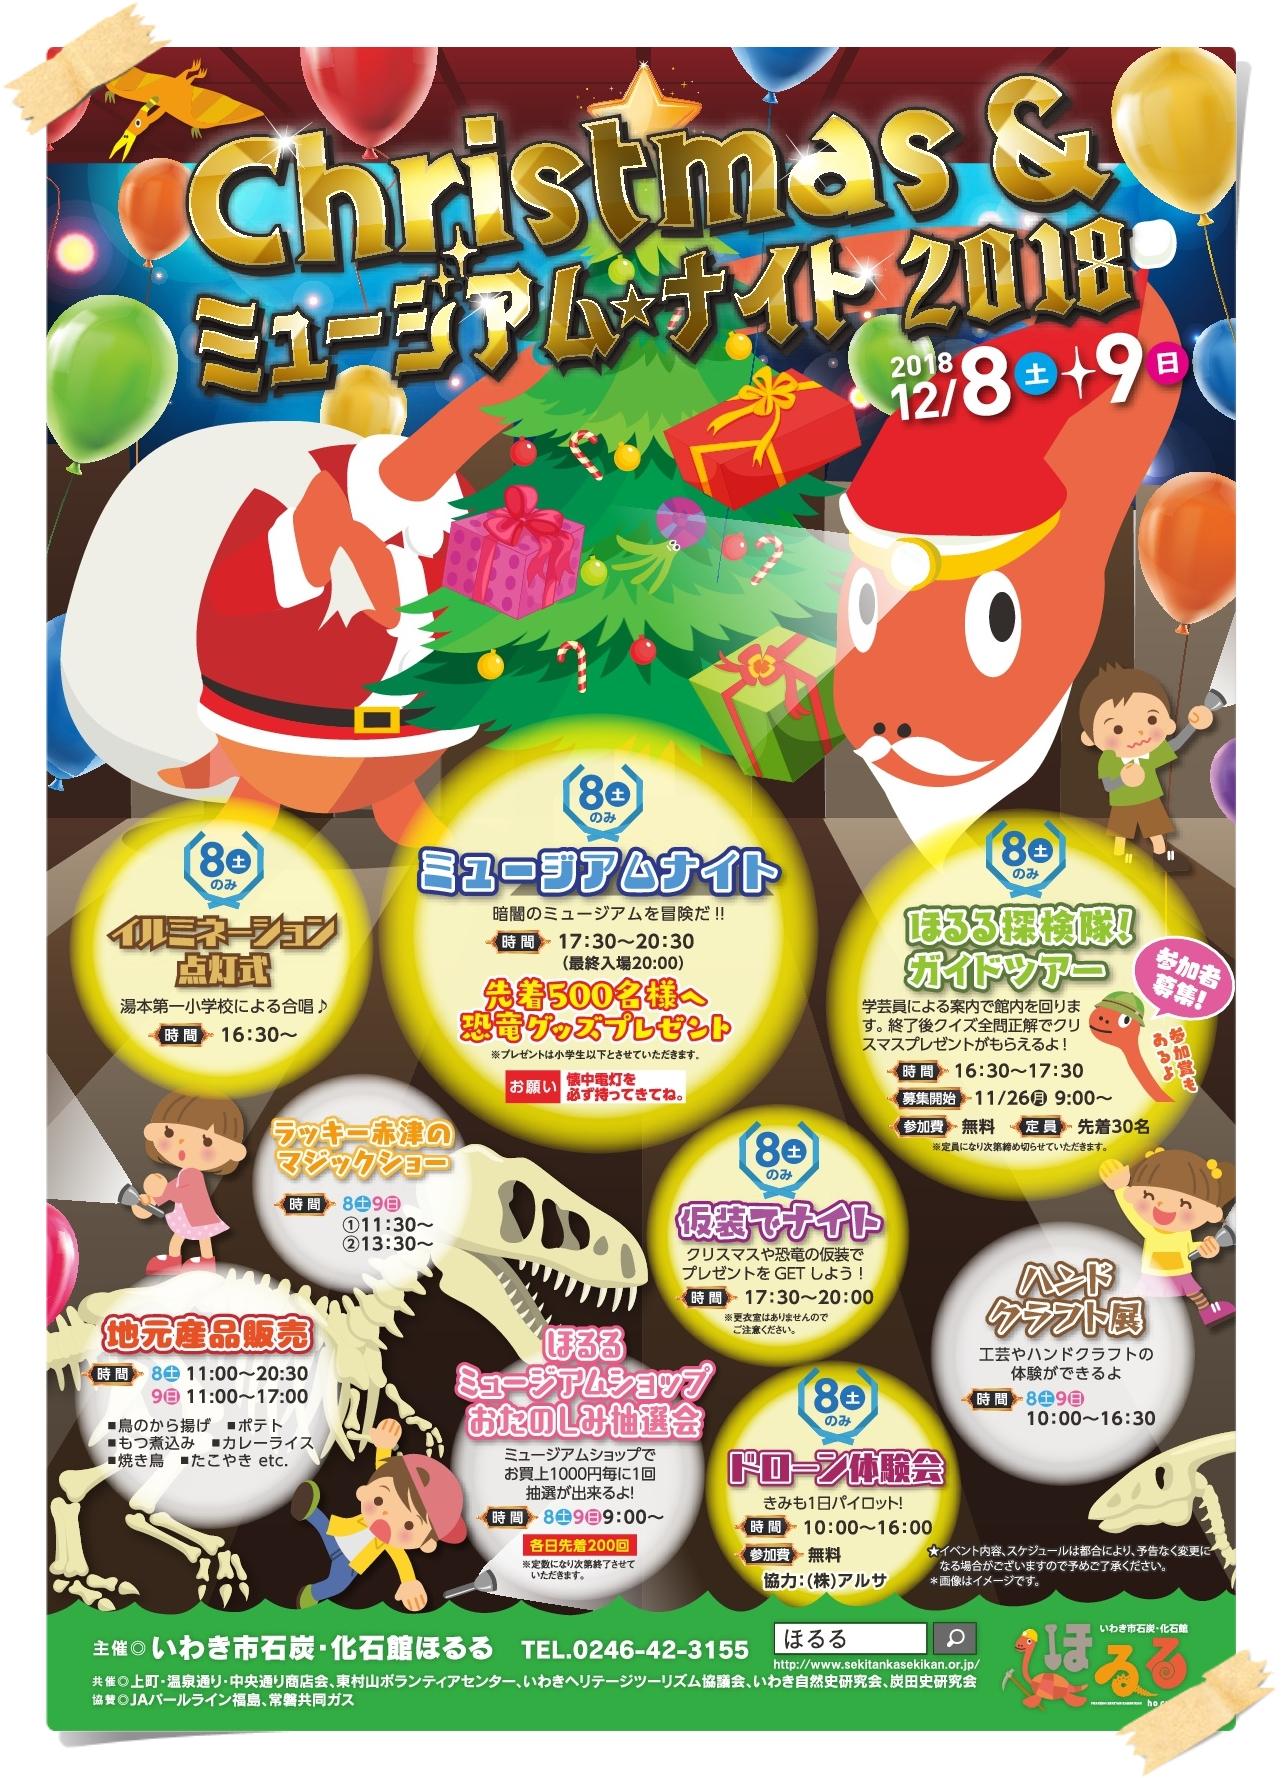 「Christmas&ミュージアム★ナイト2018」でほるるを楽しもう!! [平成30年12月3日(月)更新]